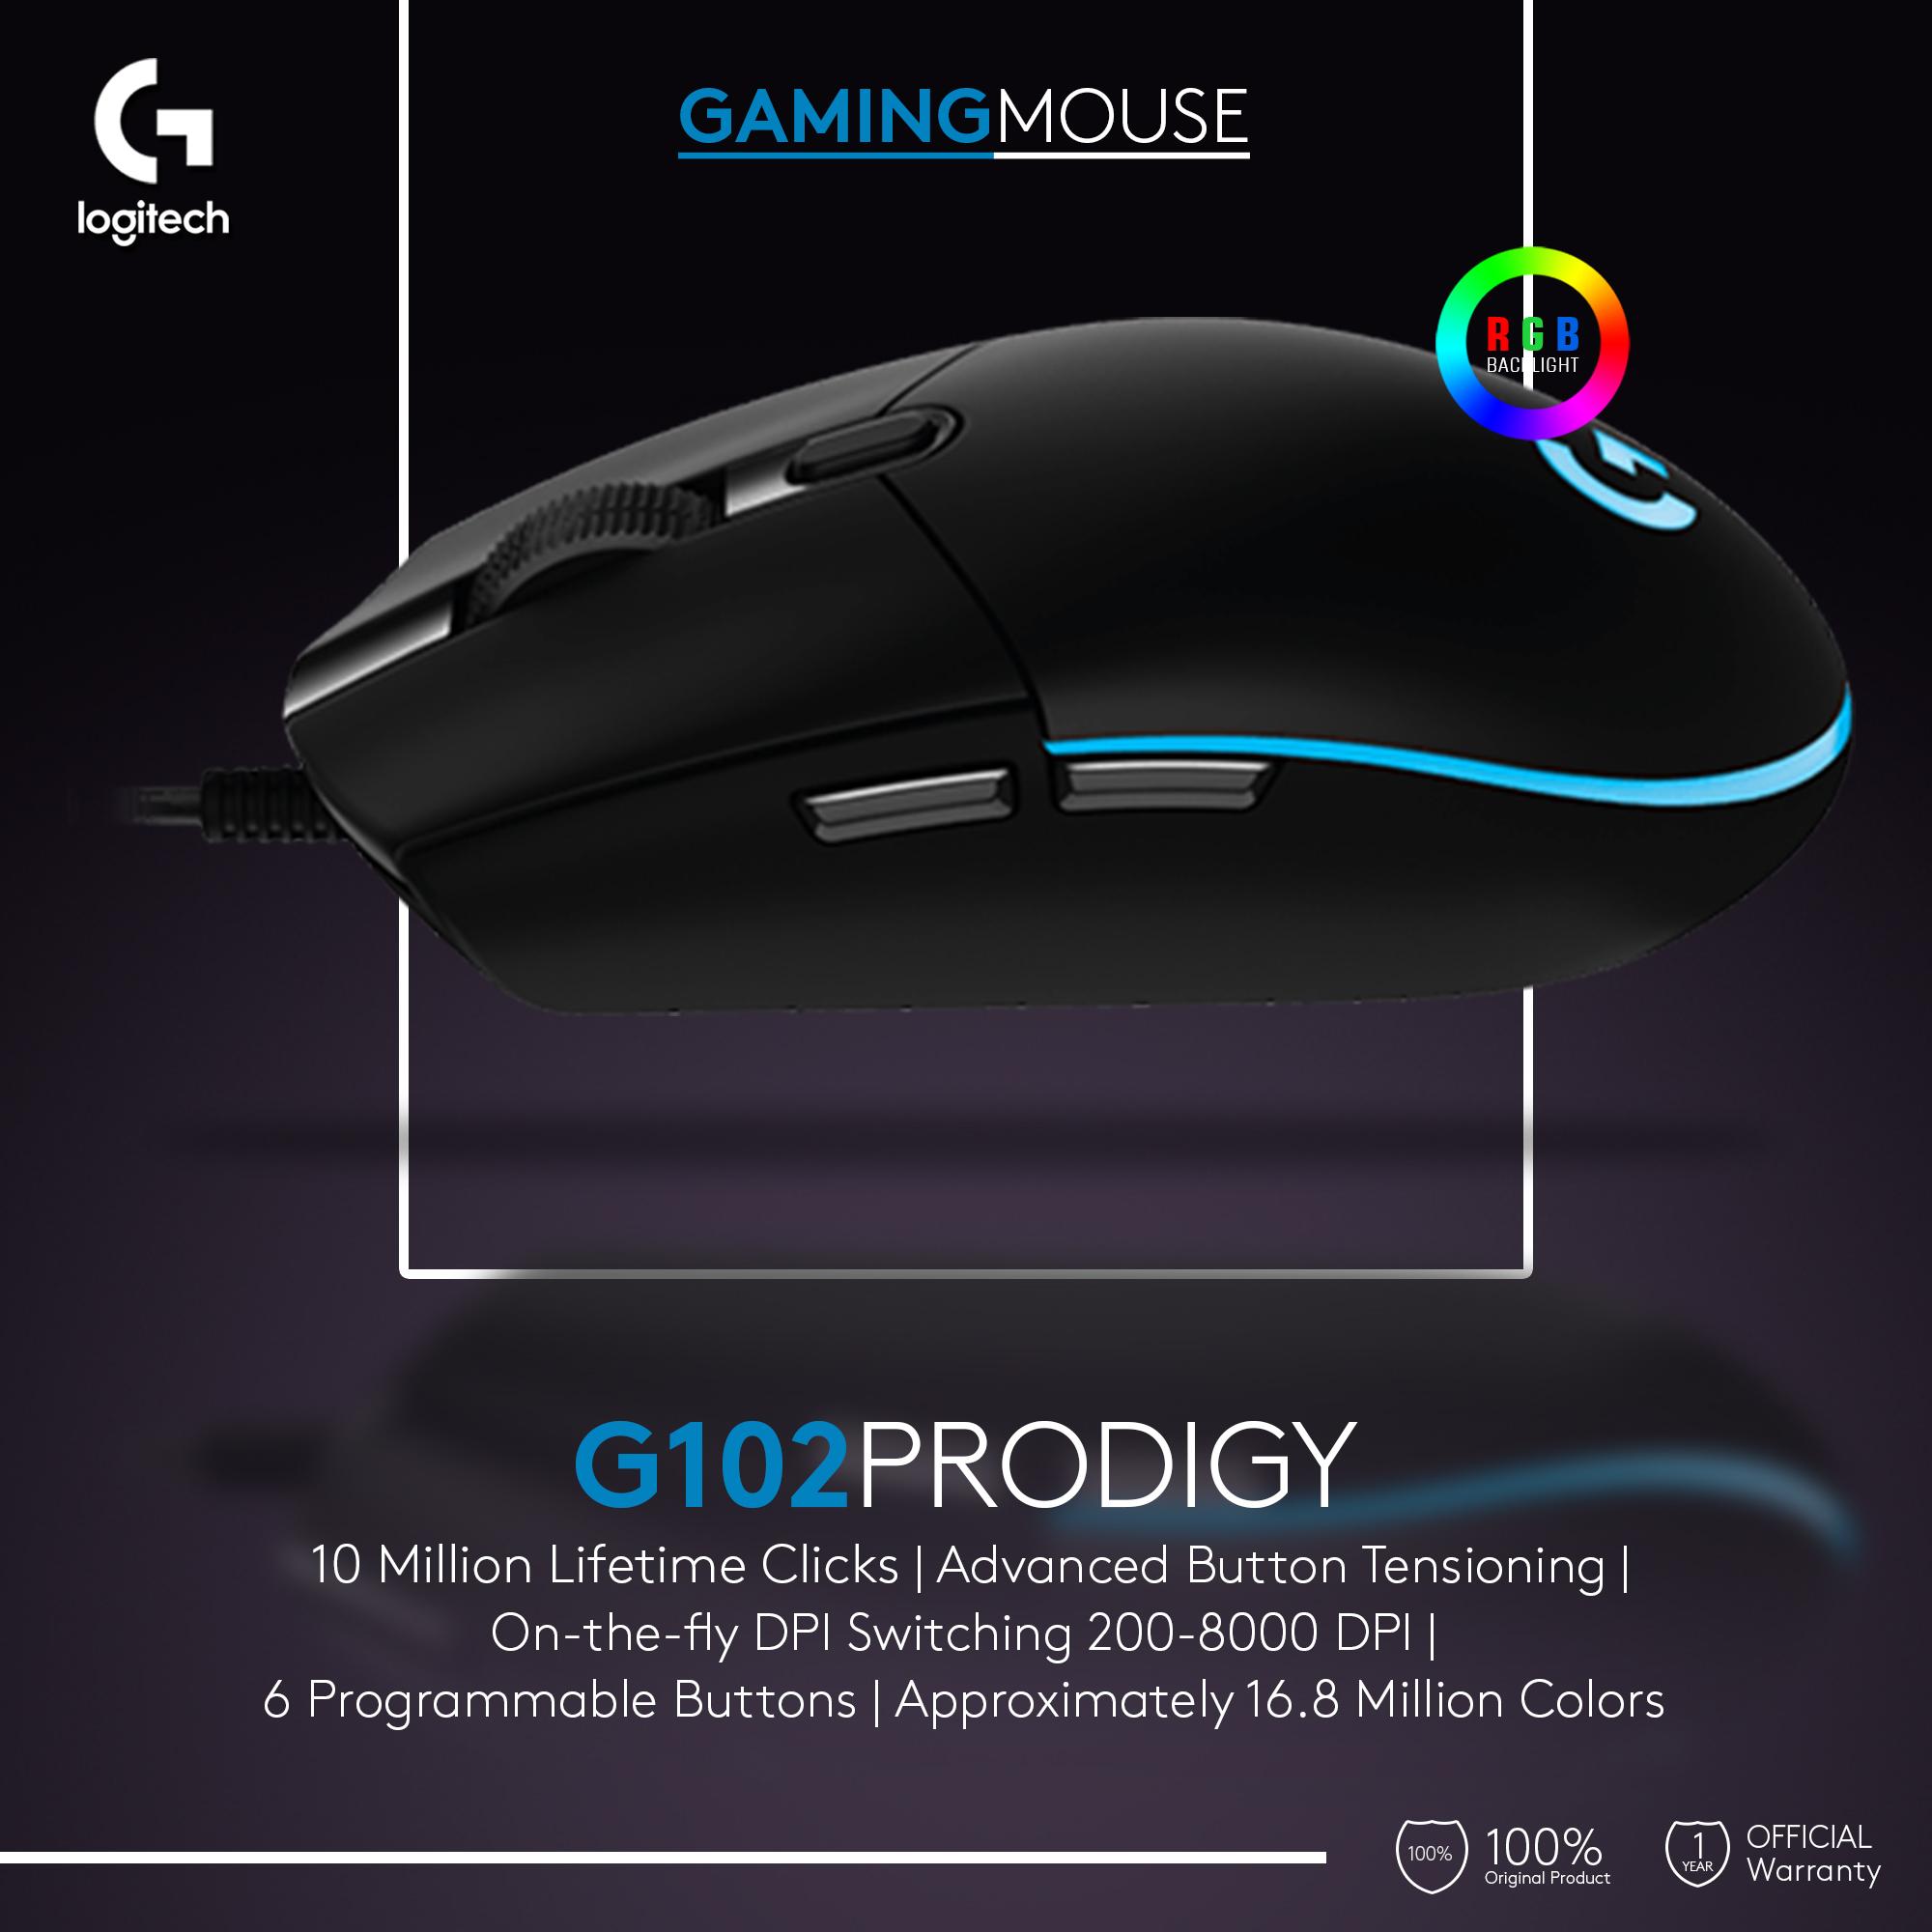 Logitech G102 Prodigy Gaming Mouse Rgb Lazada Indonesia Garansi Resmi 2 Tahun Berat 85 G Saja Panjang Kabel M